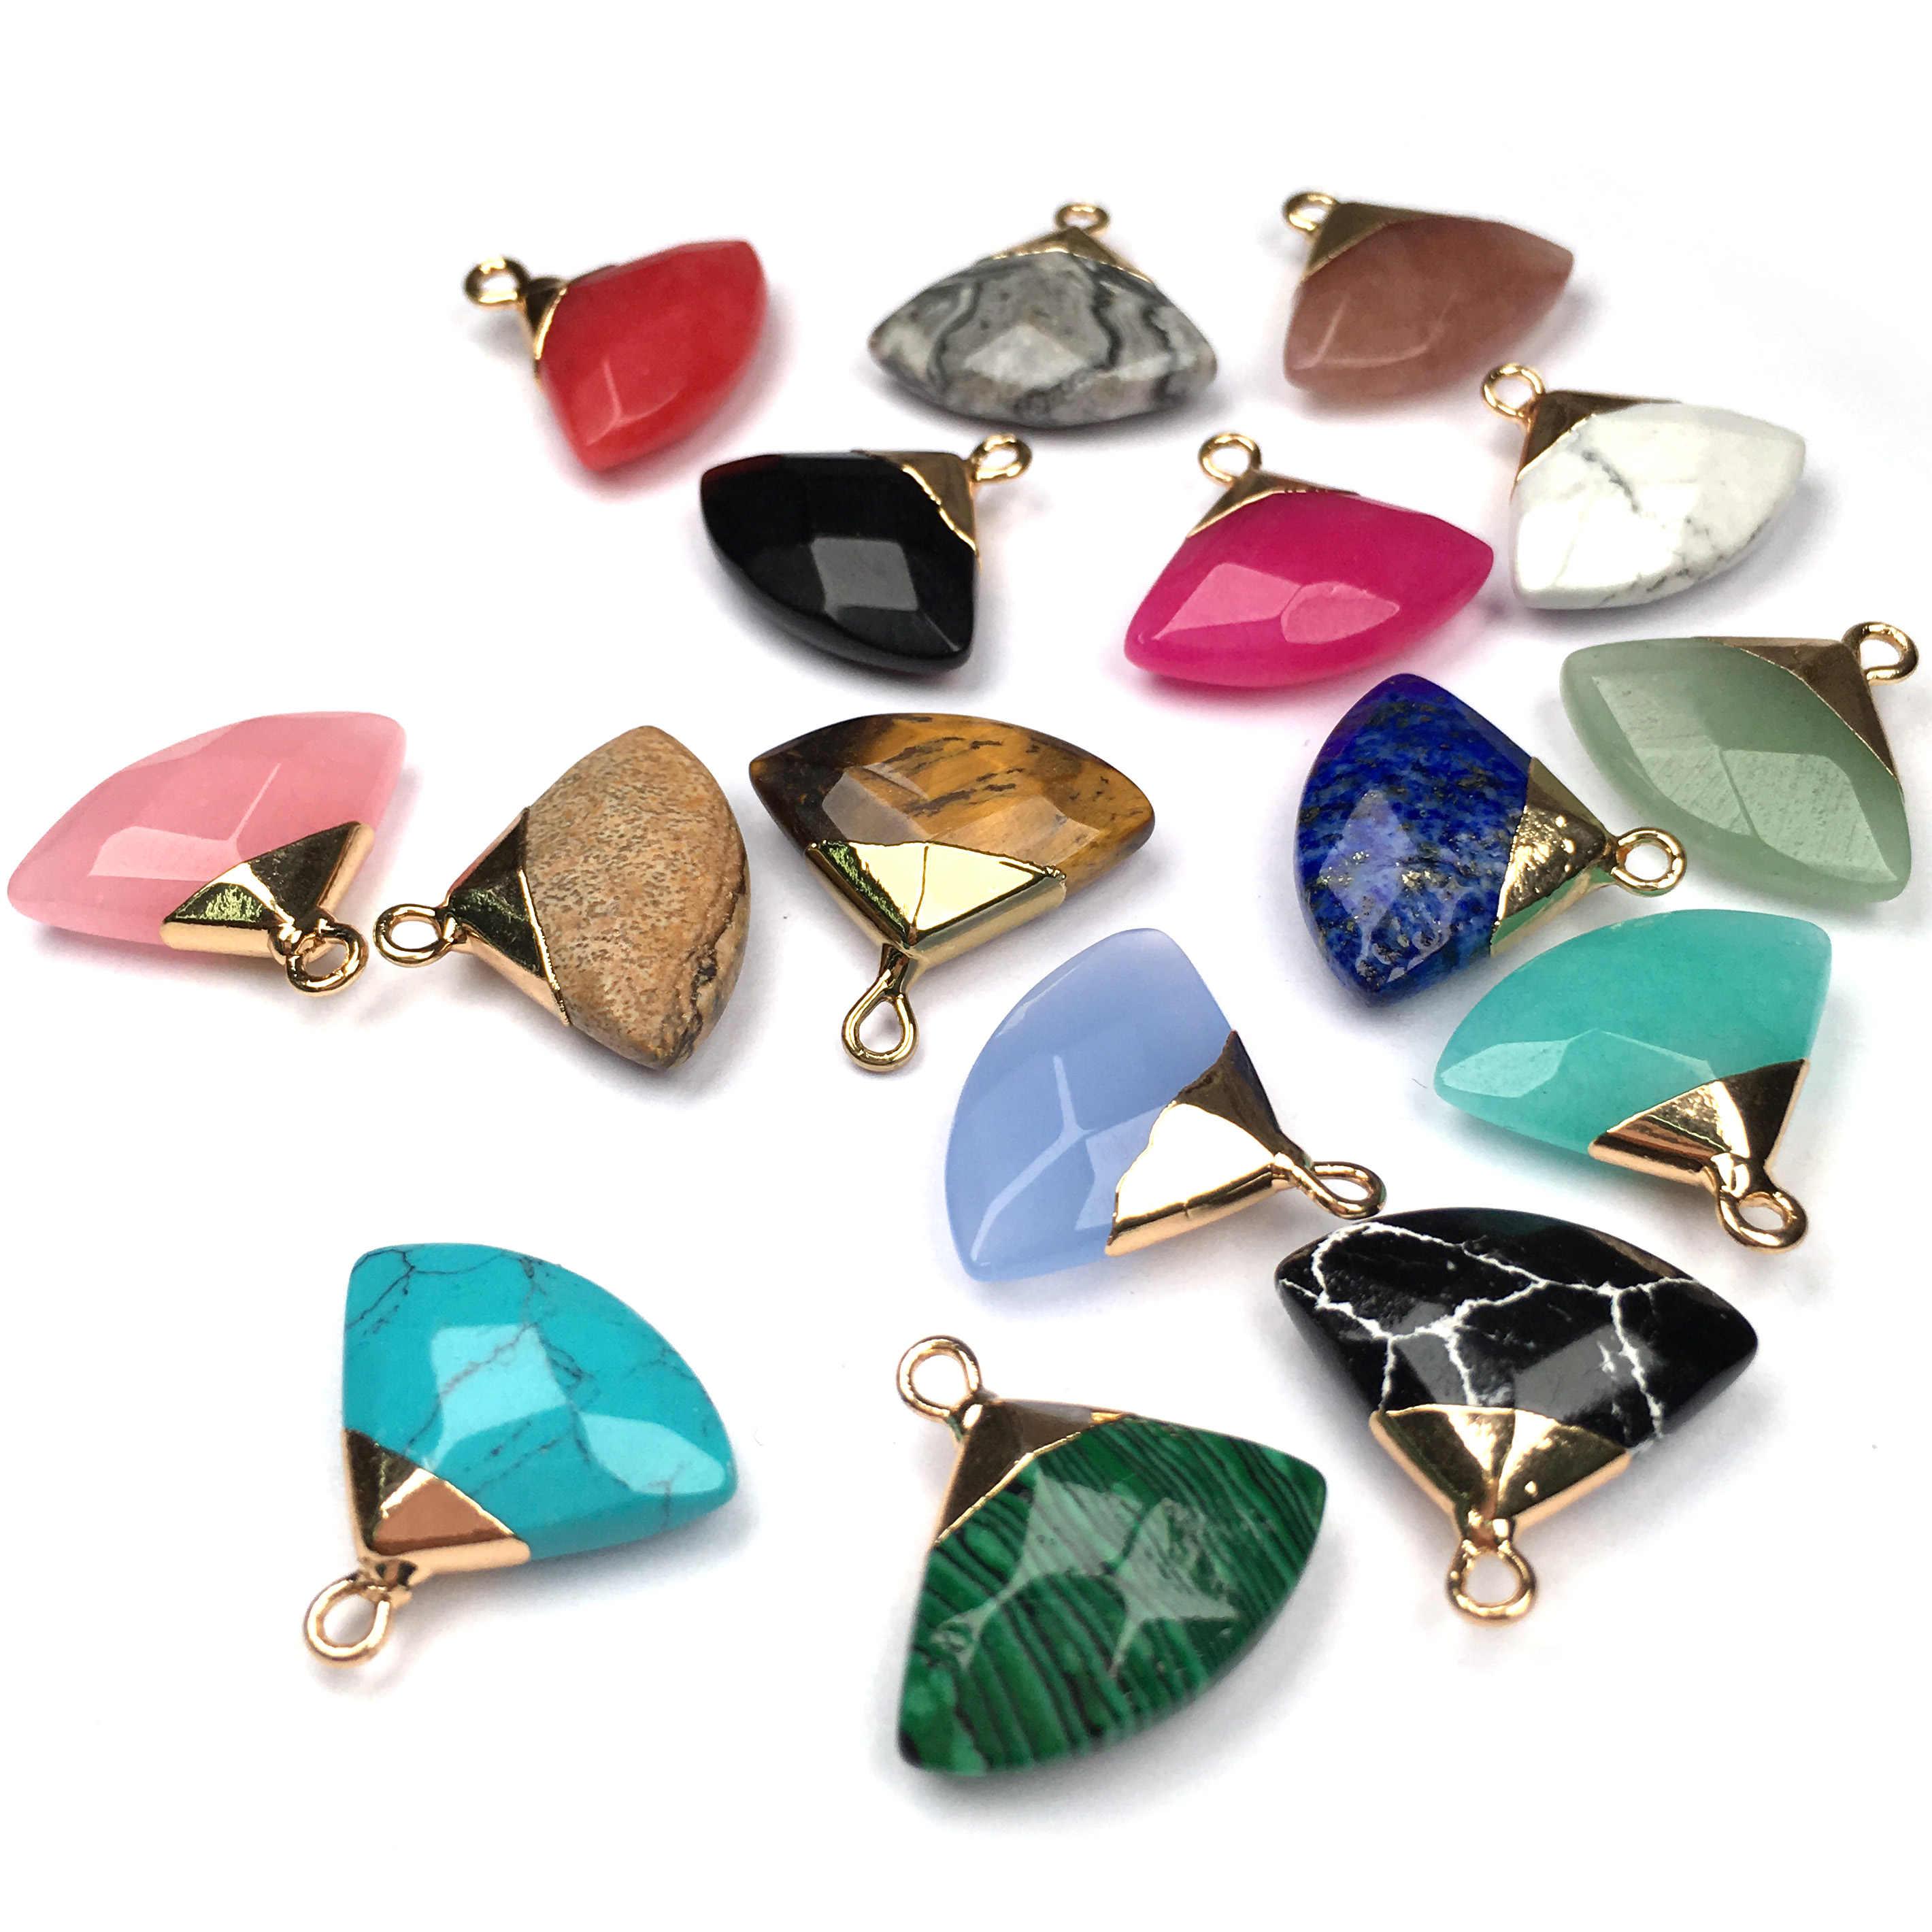 Naturale Pietra Di Cristallo Del Pendente di fascino di Figura del Ventilatore Pendenti Con Gemme E Perle per Monili Che Fanno FAI DA TE Belle collana di accessori